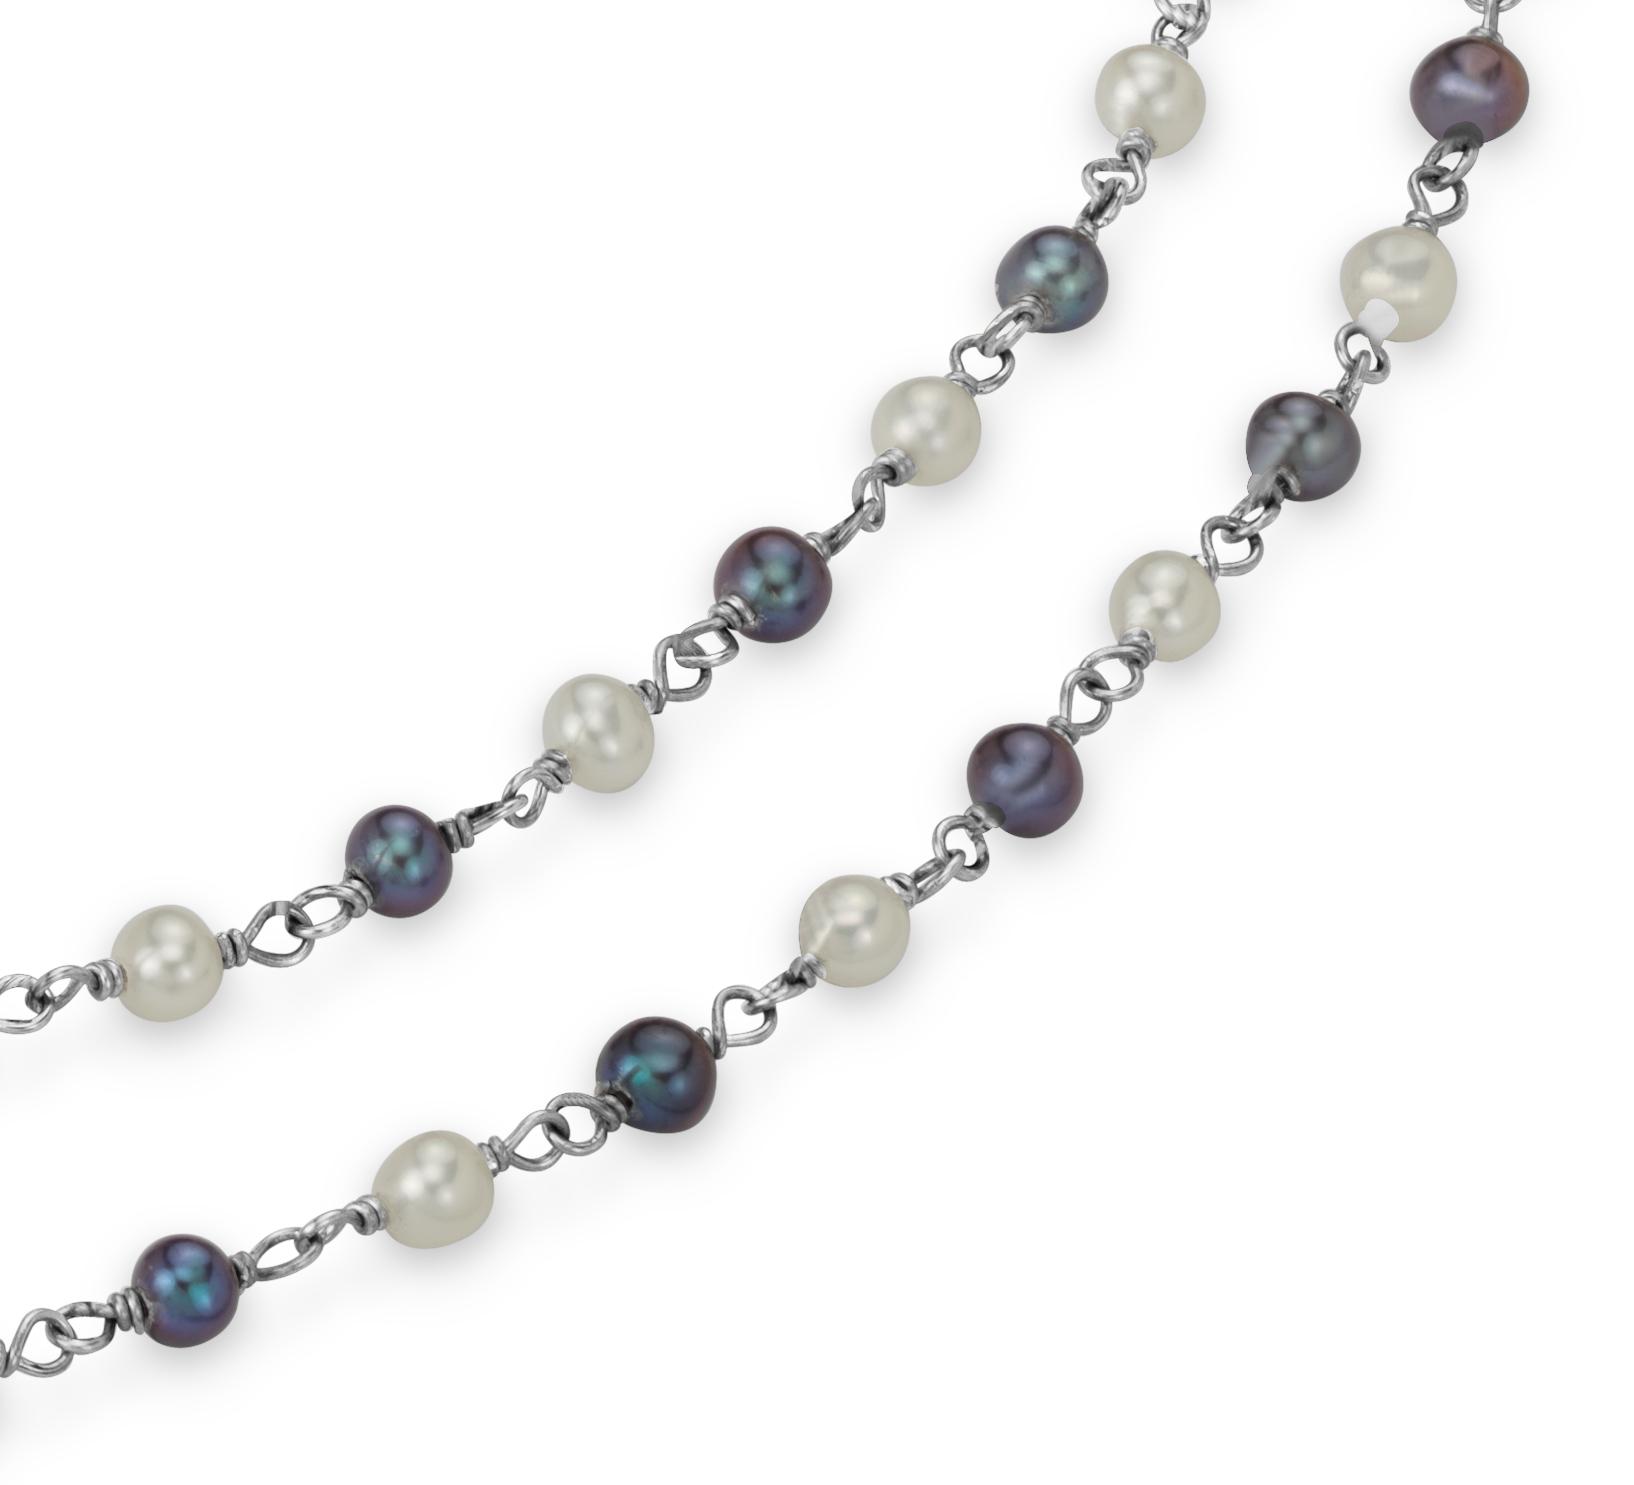 Collar con perlas blancas y negras cultivadas de agua dulce en plata de ley - 36